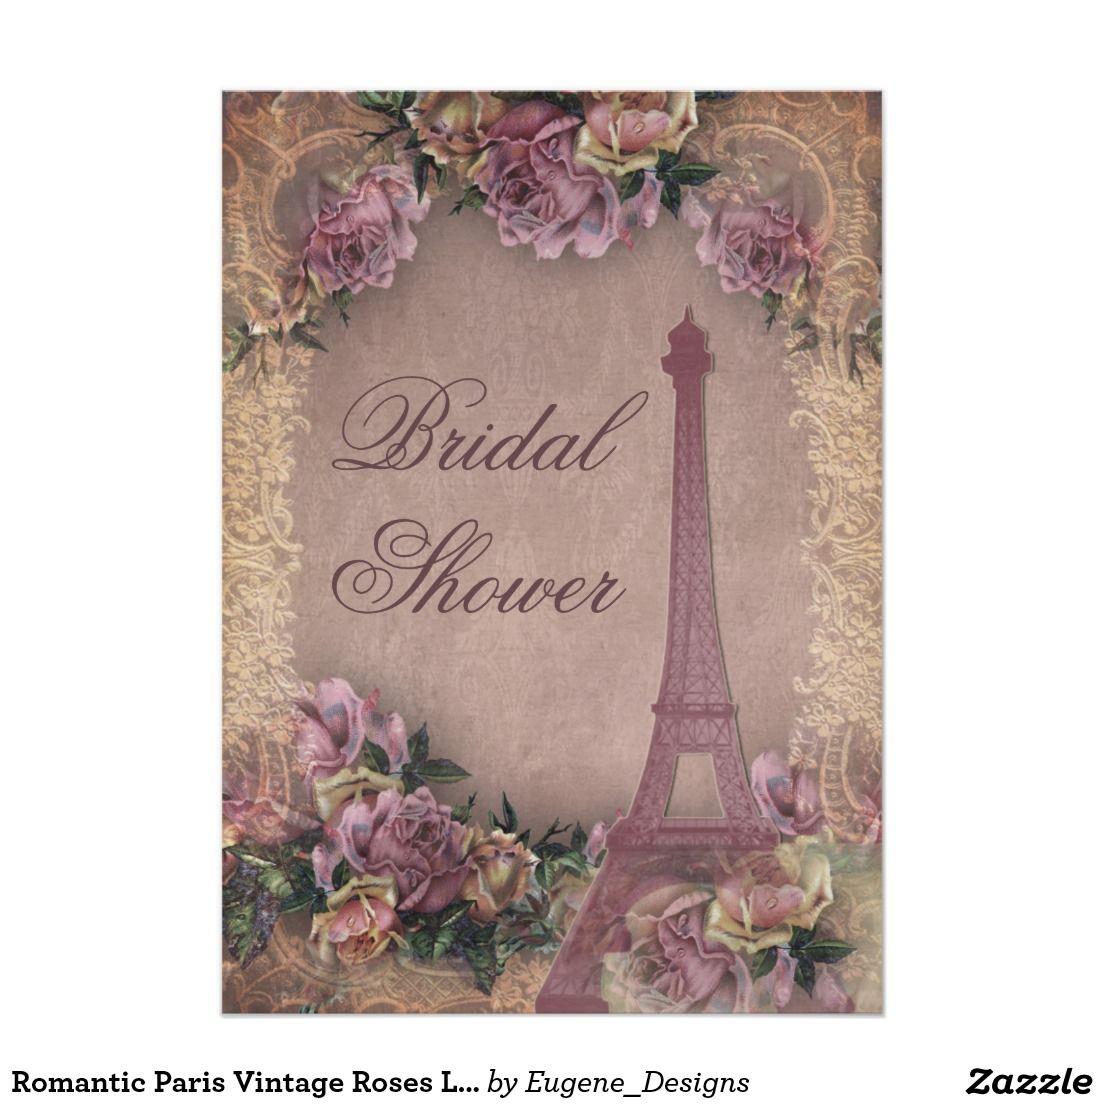 Romantic Paris Vintage Roses Lace Bridal Shower 5x7 Paper Invitation Card